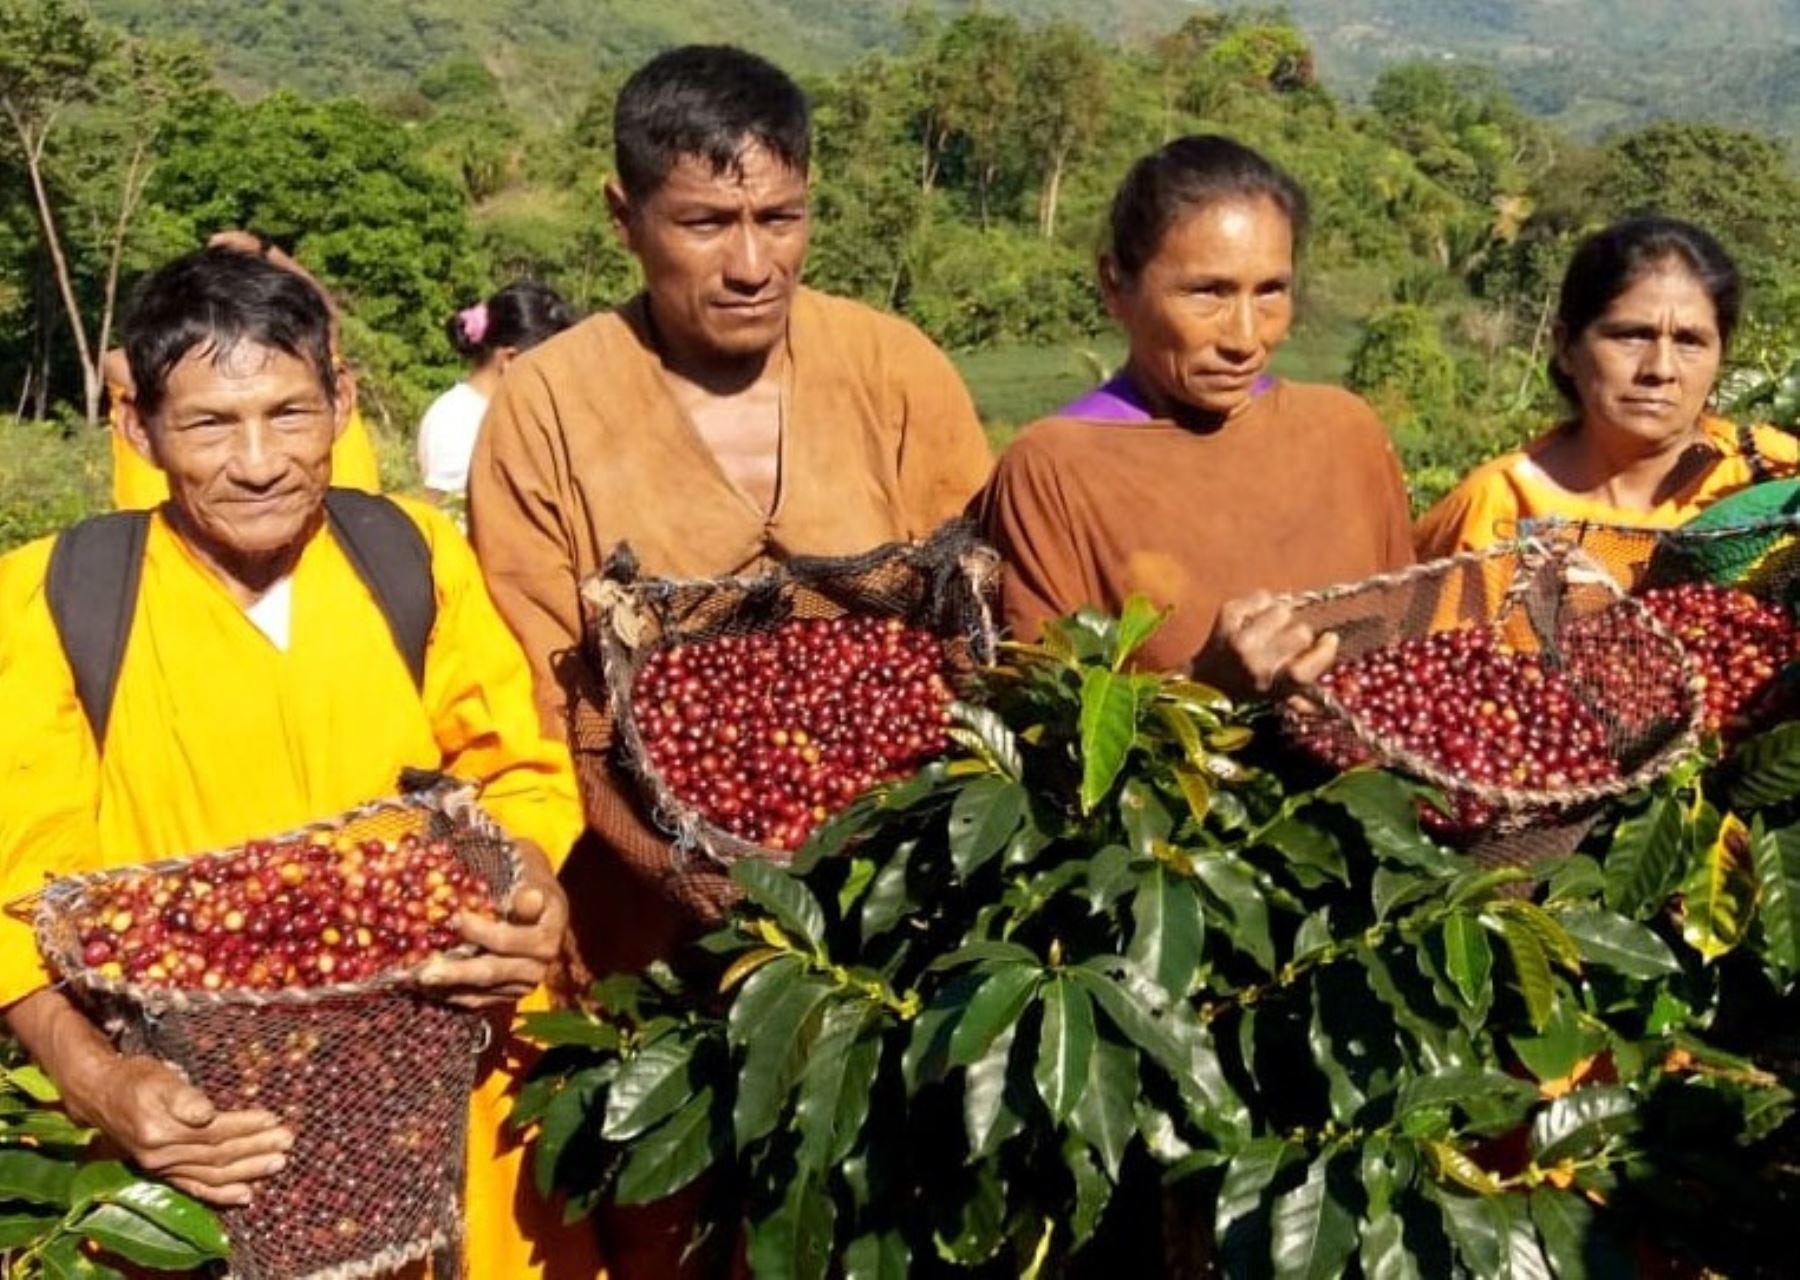 La inversión para mejorar la producción de cafés especiales en el distrito de Pangoa favorecerá también a la población indígena que se dedica a este cultivo. ANDINA/Difusión